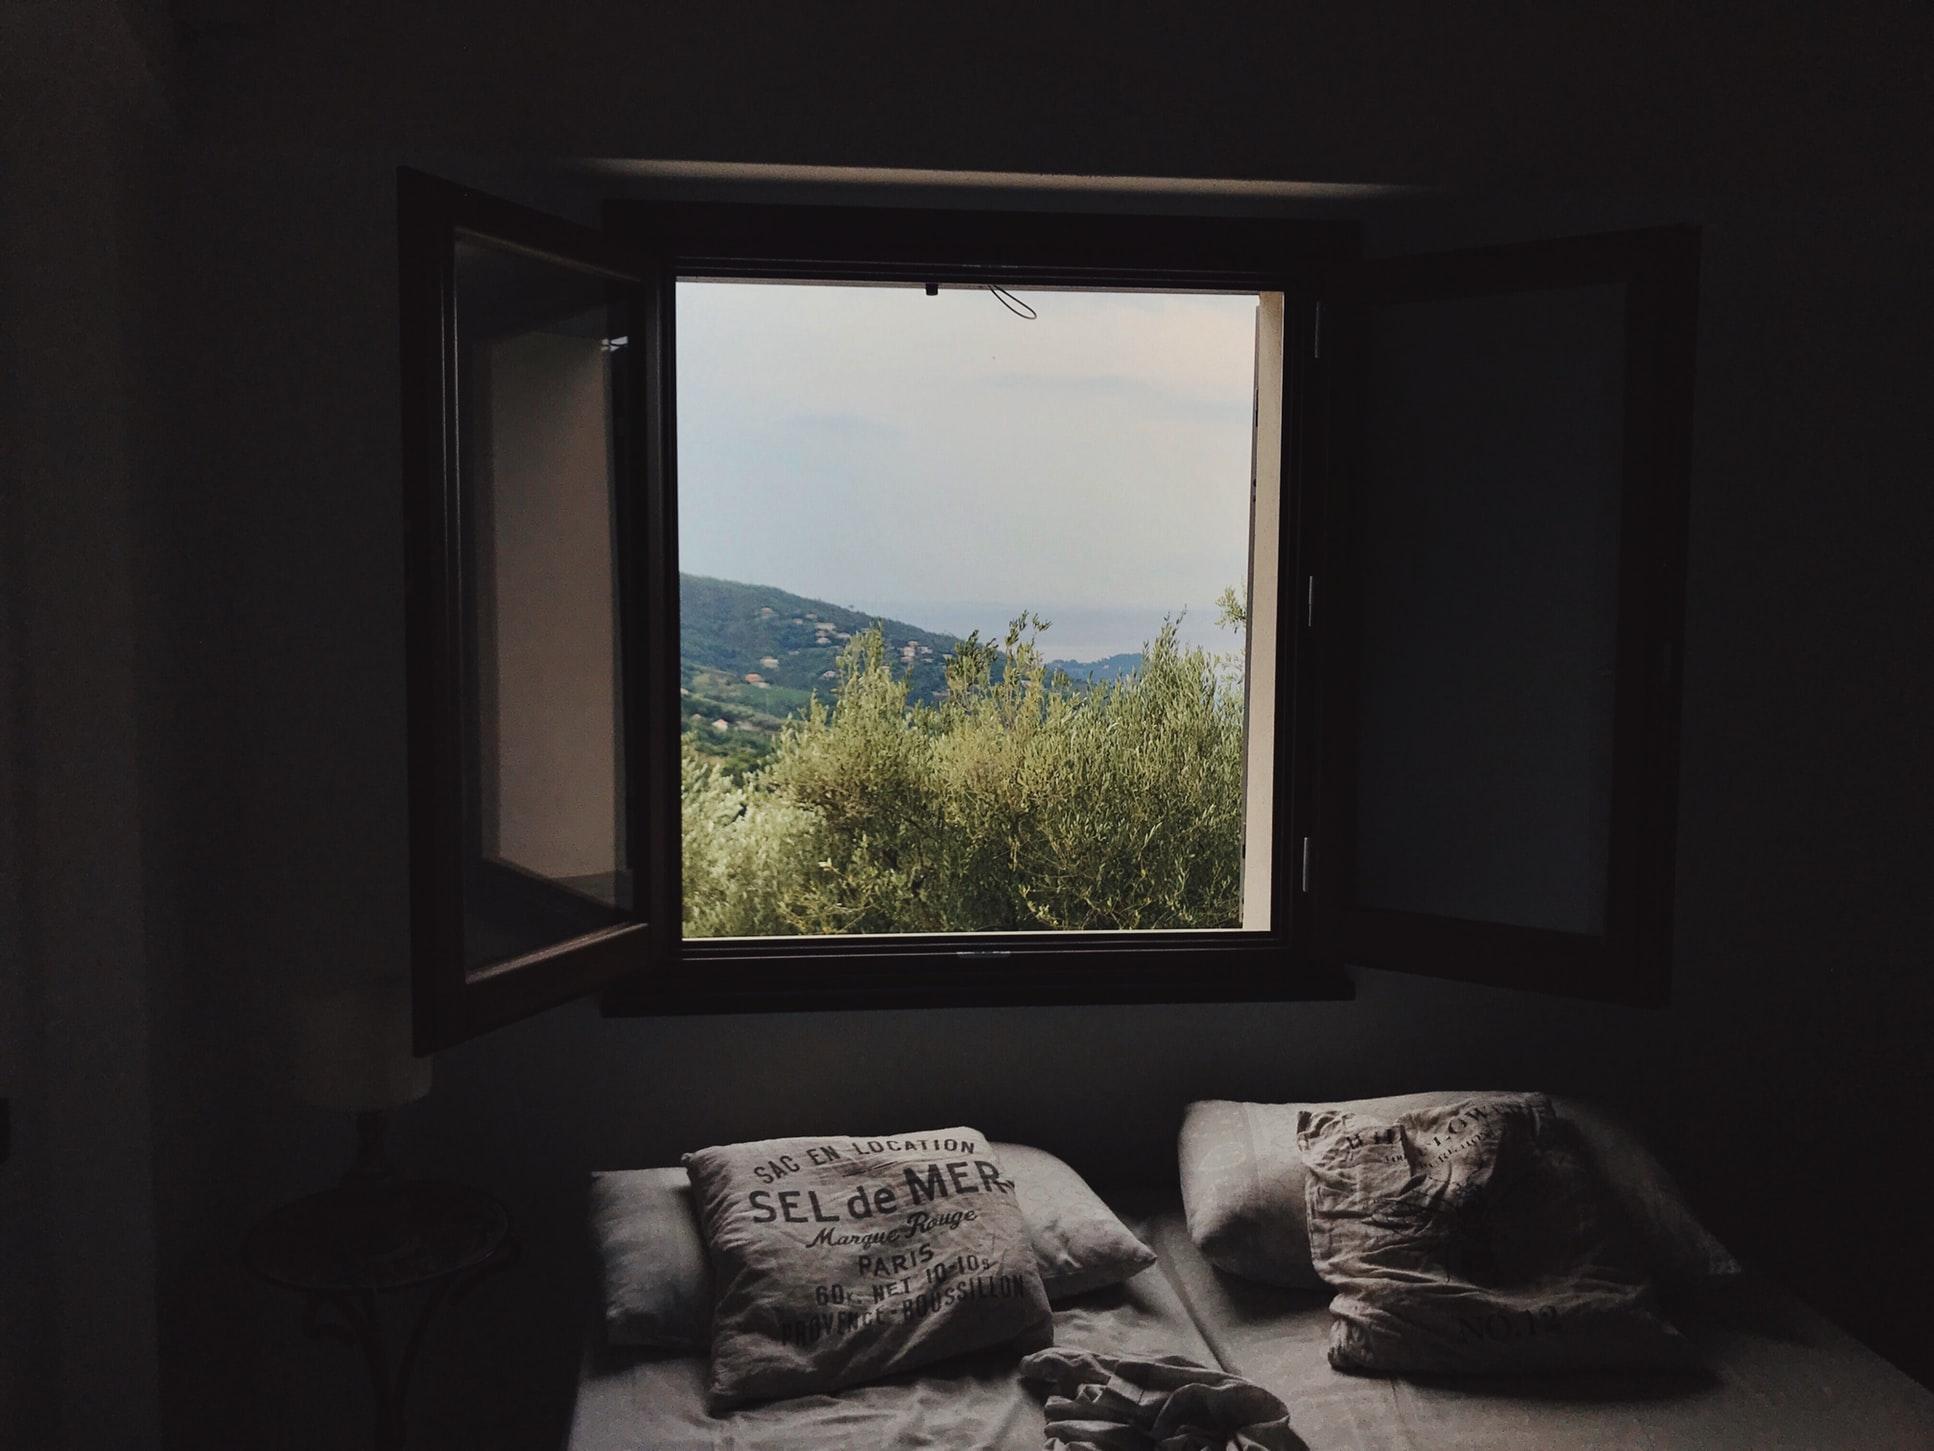 Comment bien dormir - Aérer pour une température idéale